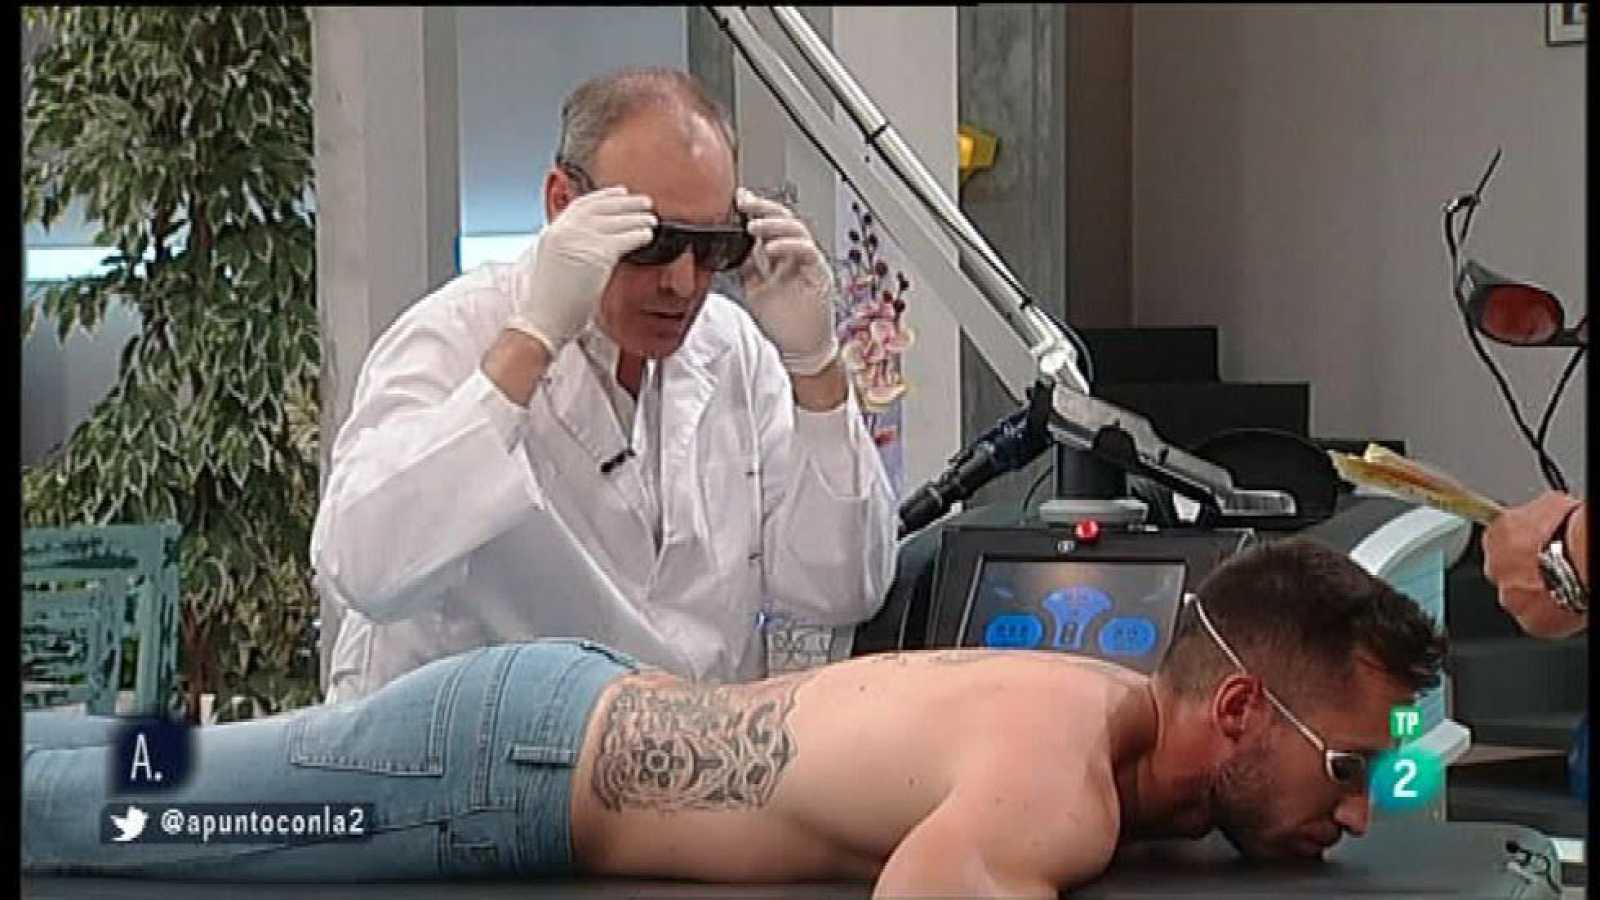 A punto con La 2 - Consumo a punto - Eliminar un tatuaje